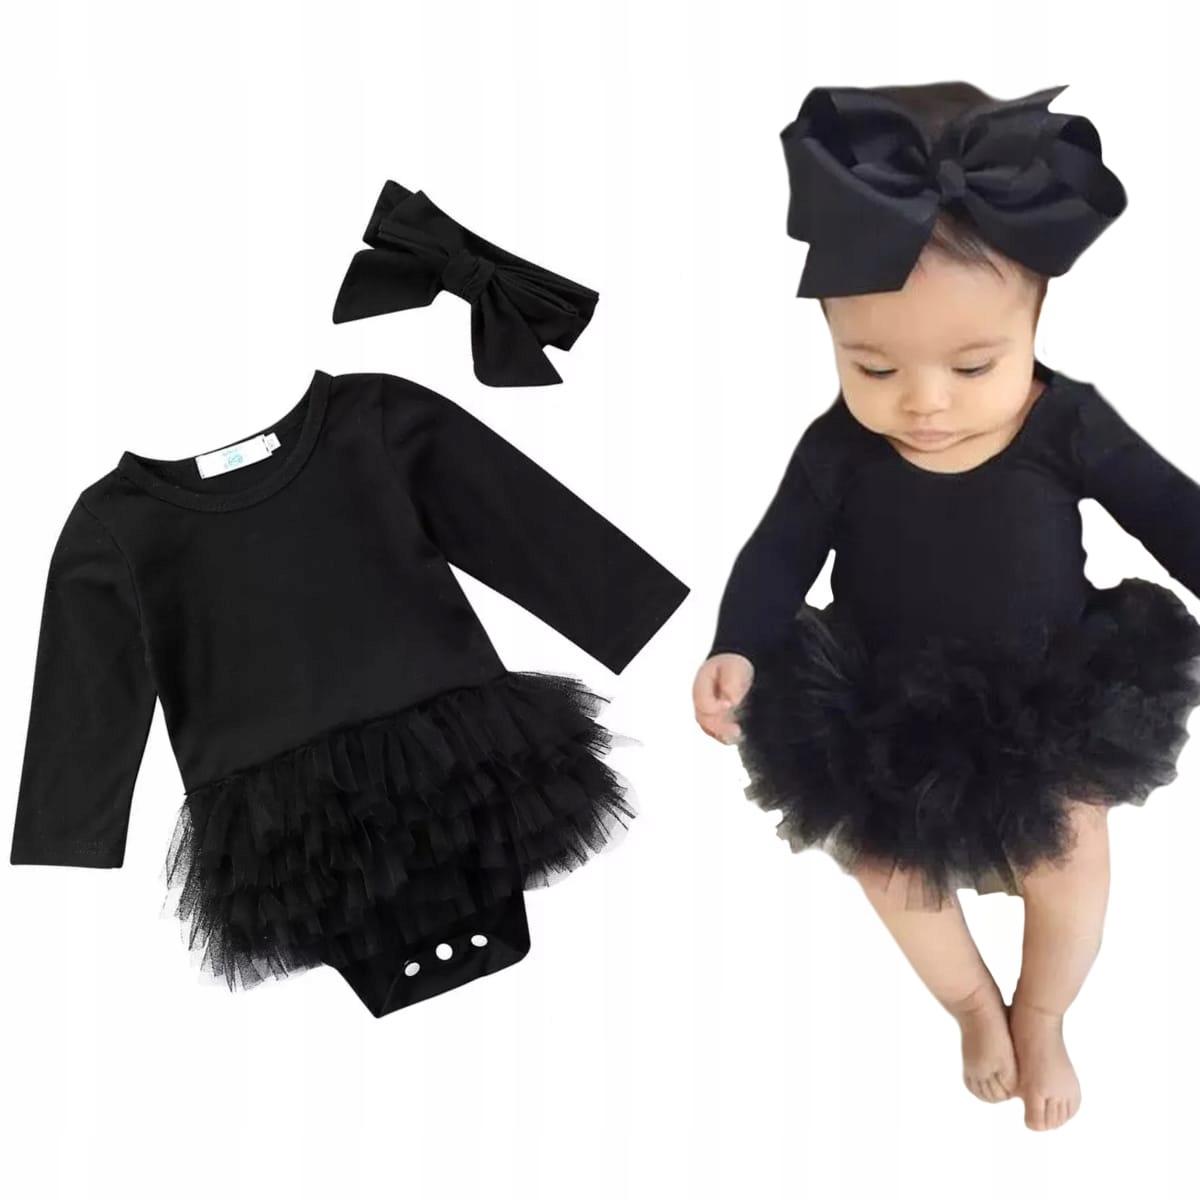 Kombinéza šaty s čiernou tylu TUTU s hlavovým oblúkom 86 92 24